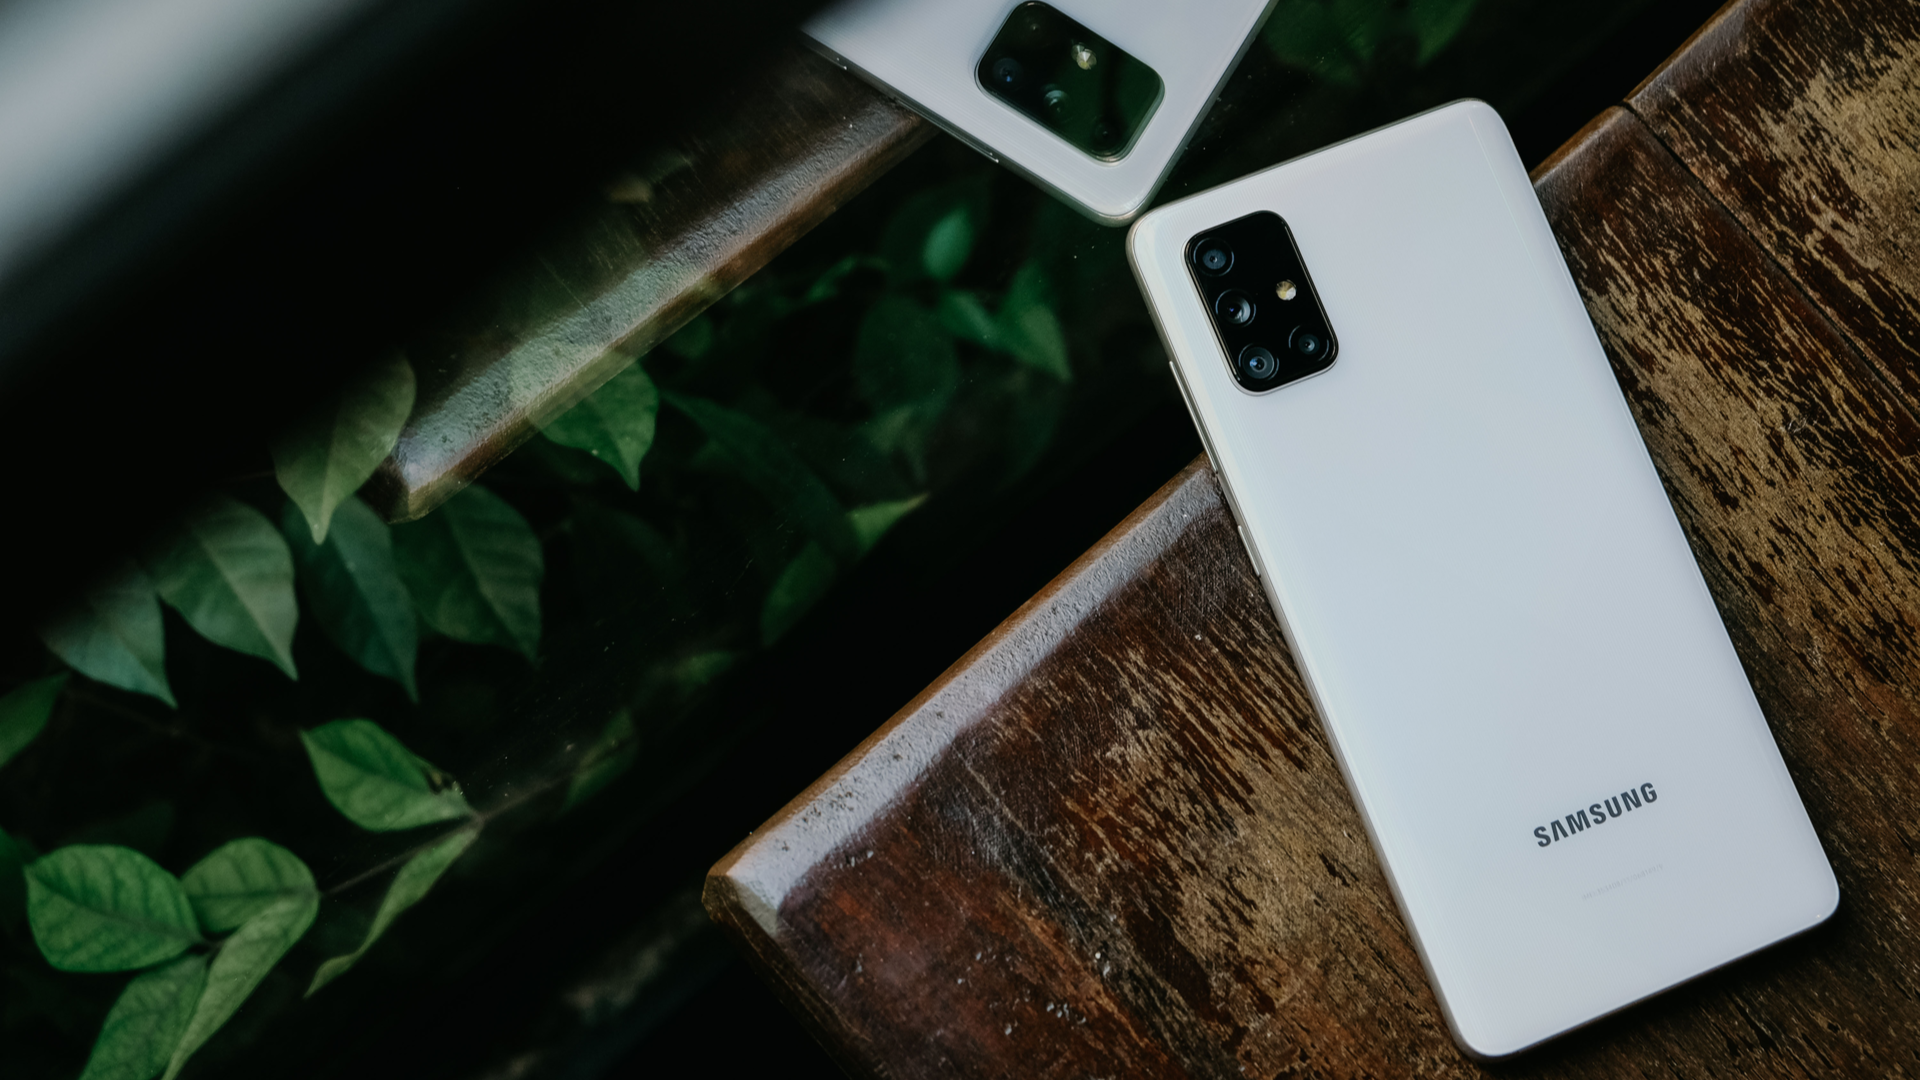 Galaxy A71 é o modelo mais robusto da série Galaxy A 2020. (Imagem: Framesira/Shutterstock)